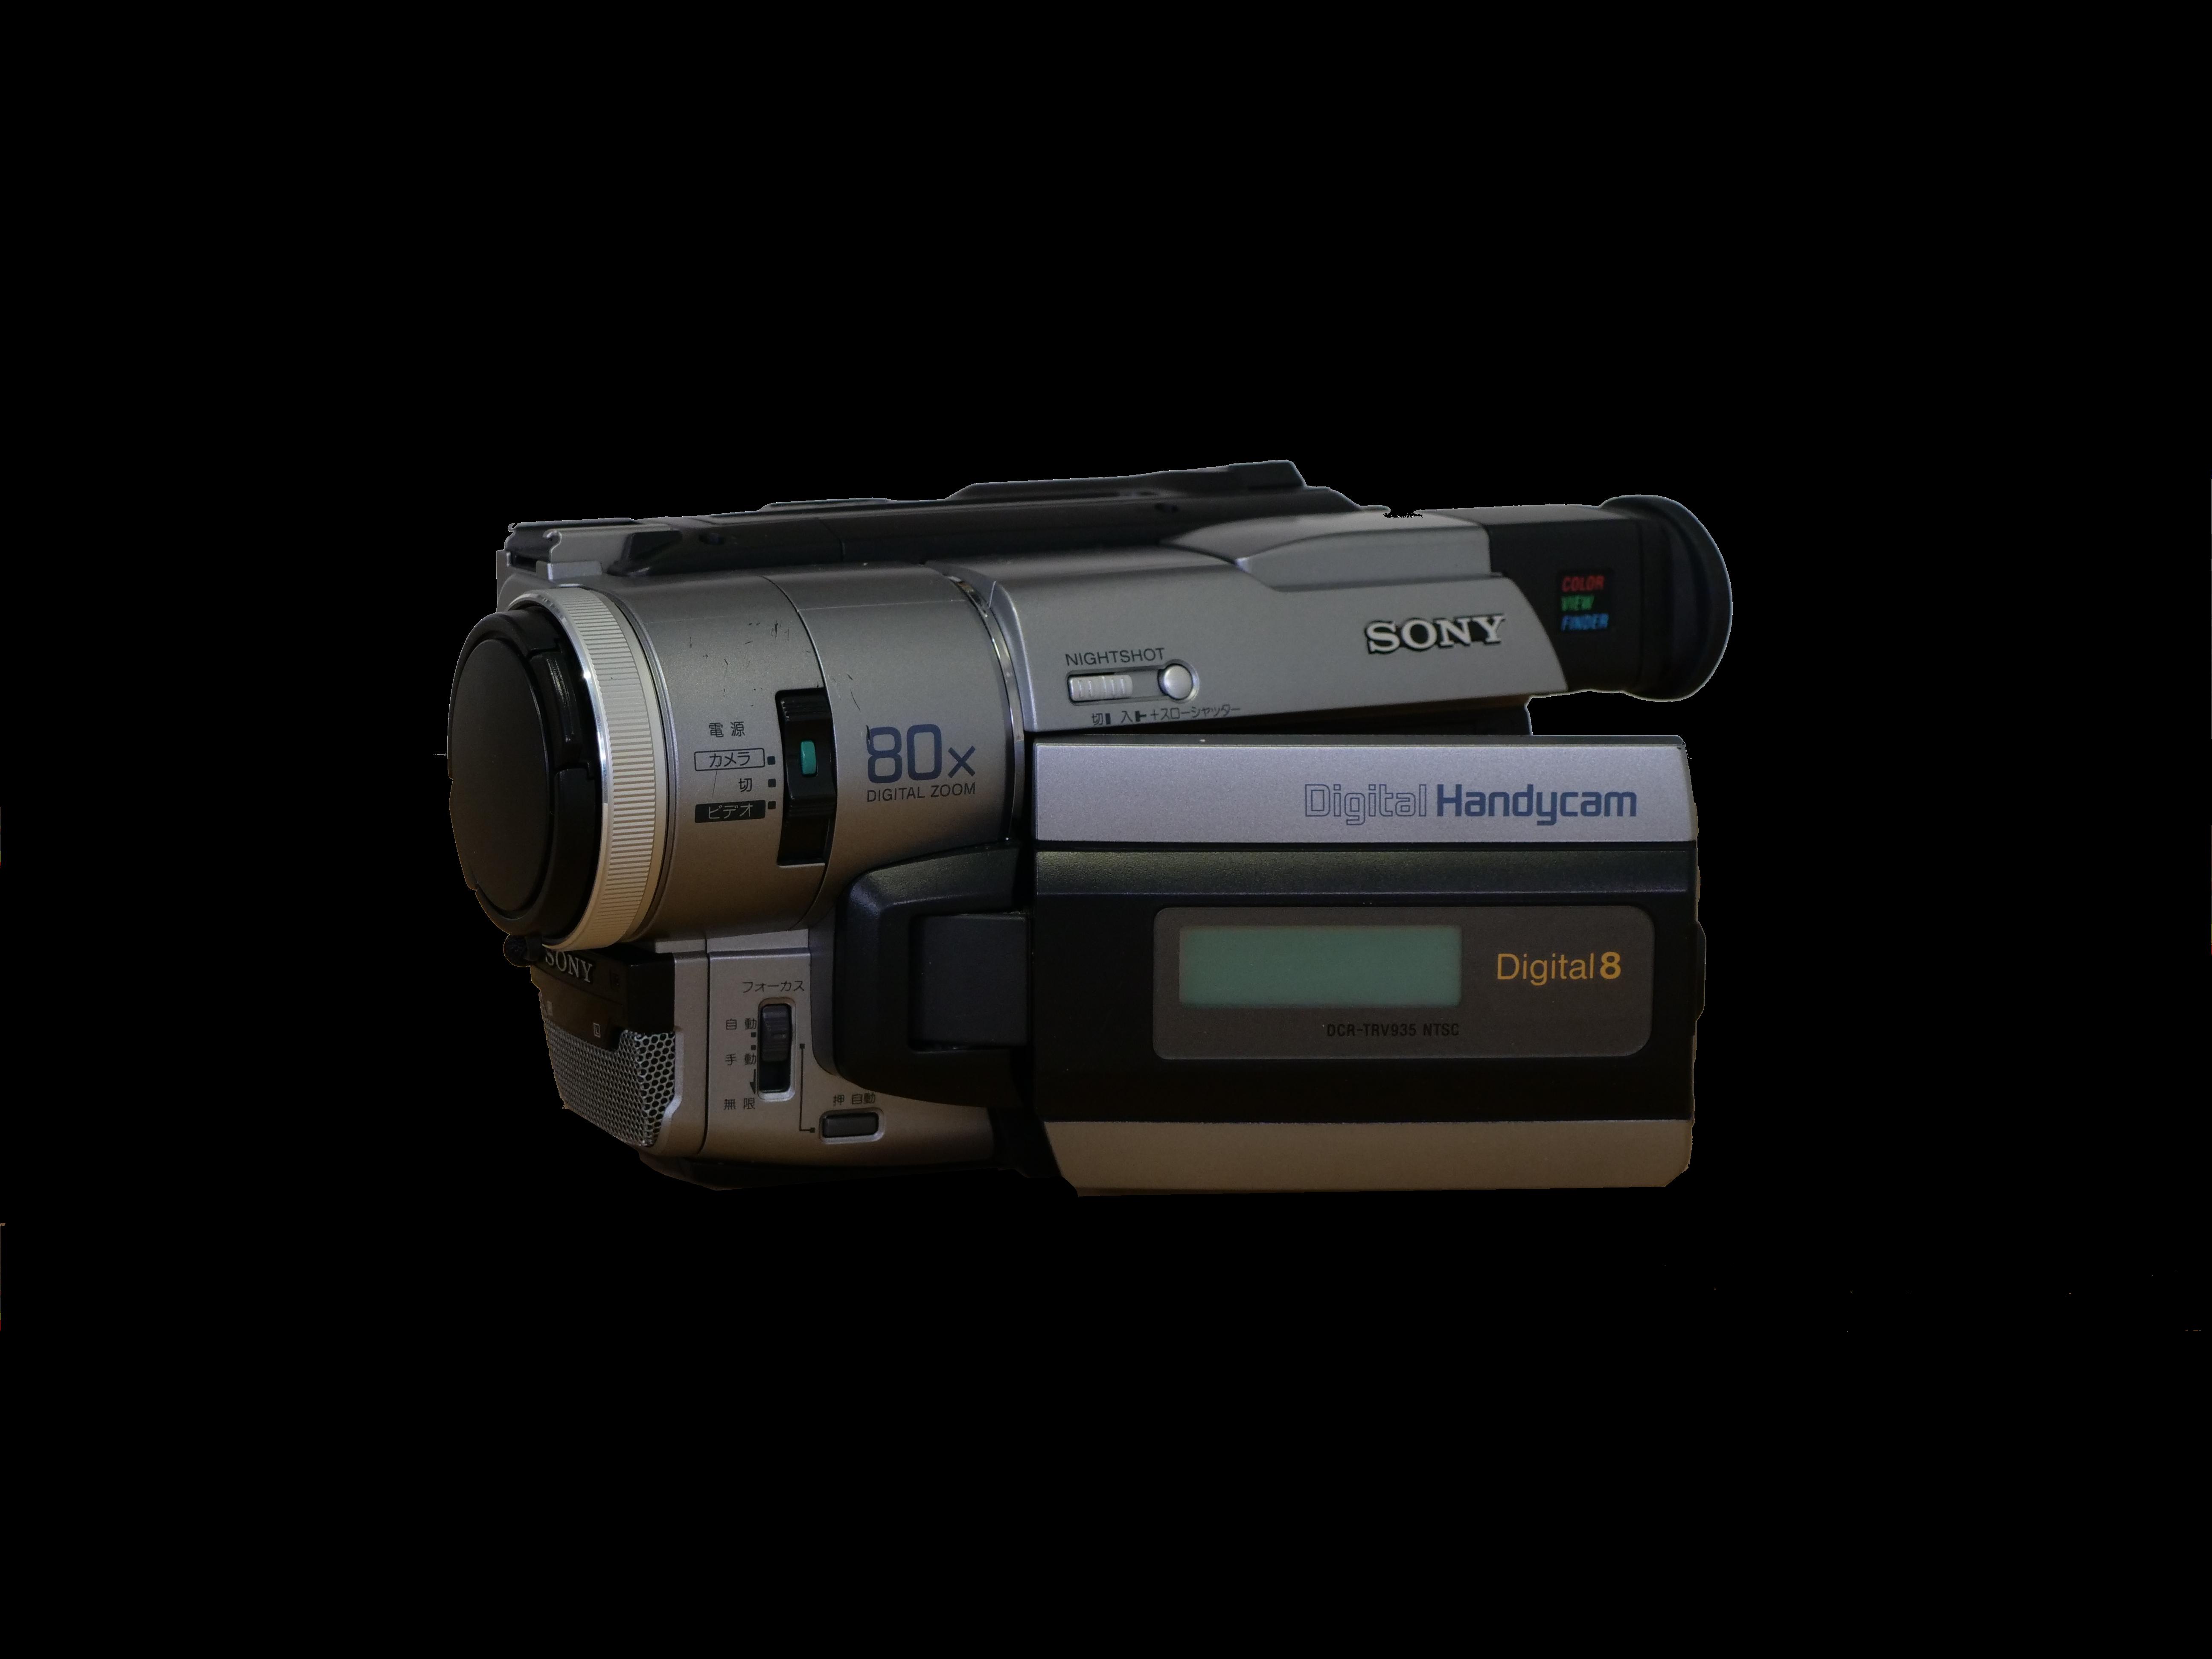 DCR-TRV935K